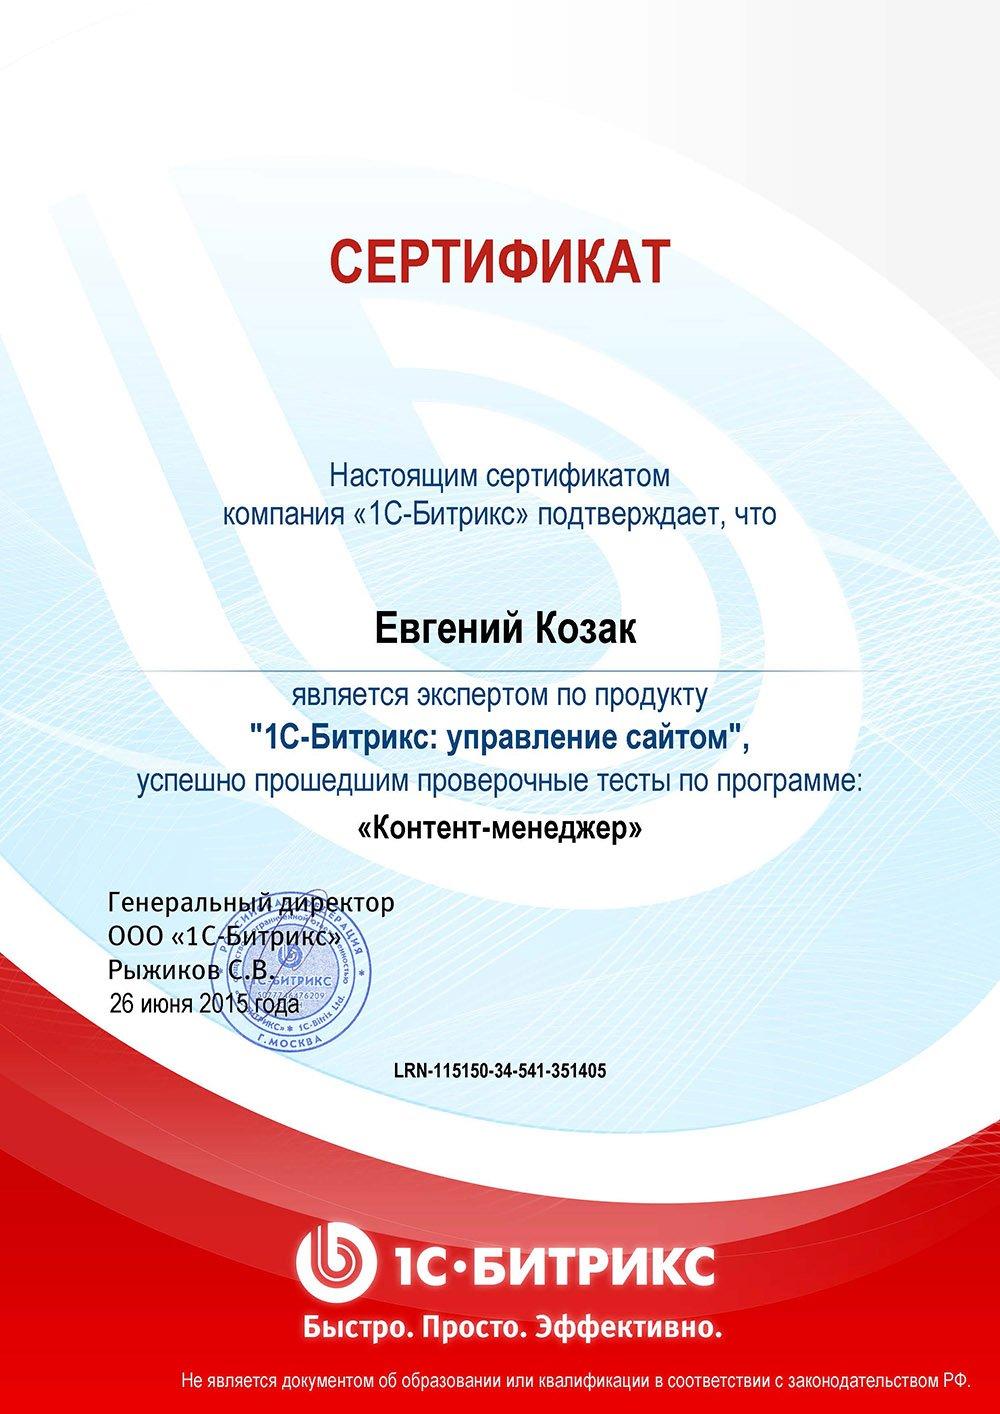 Евгений Козак. Сертифицированный специалист. «Контент-менеджер» 1С-Битрикс.